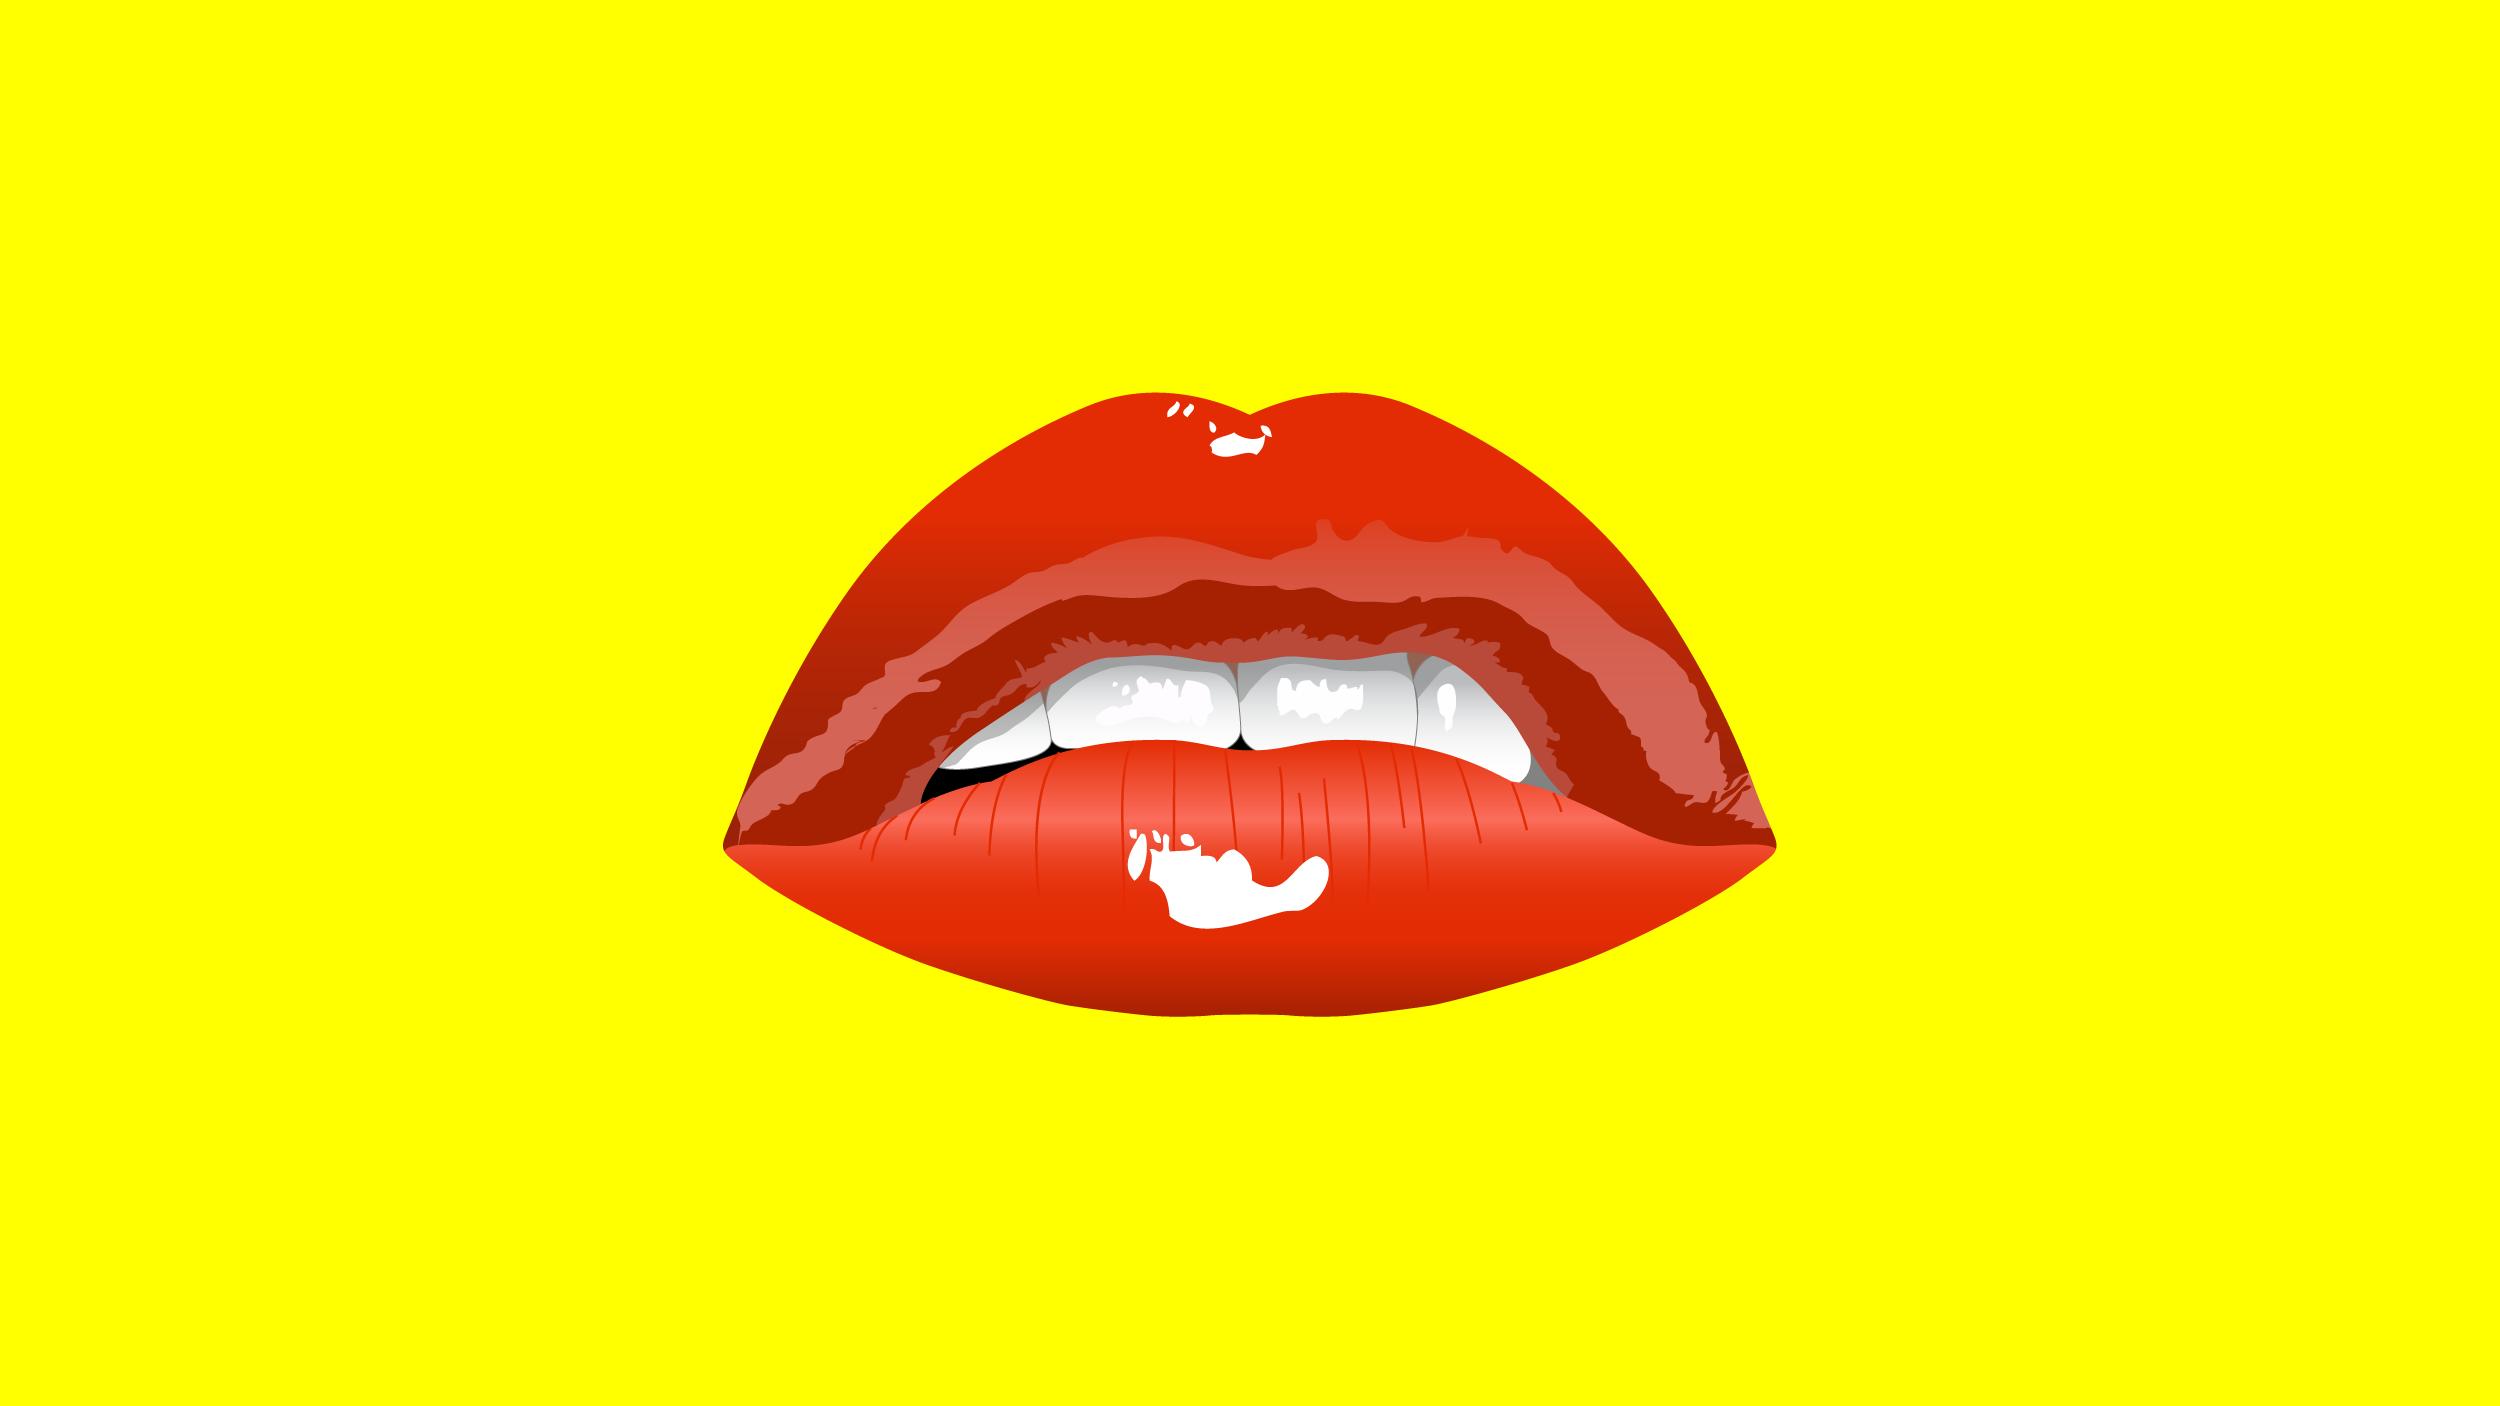 Lips_Pout_01.png